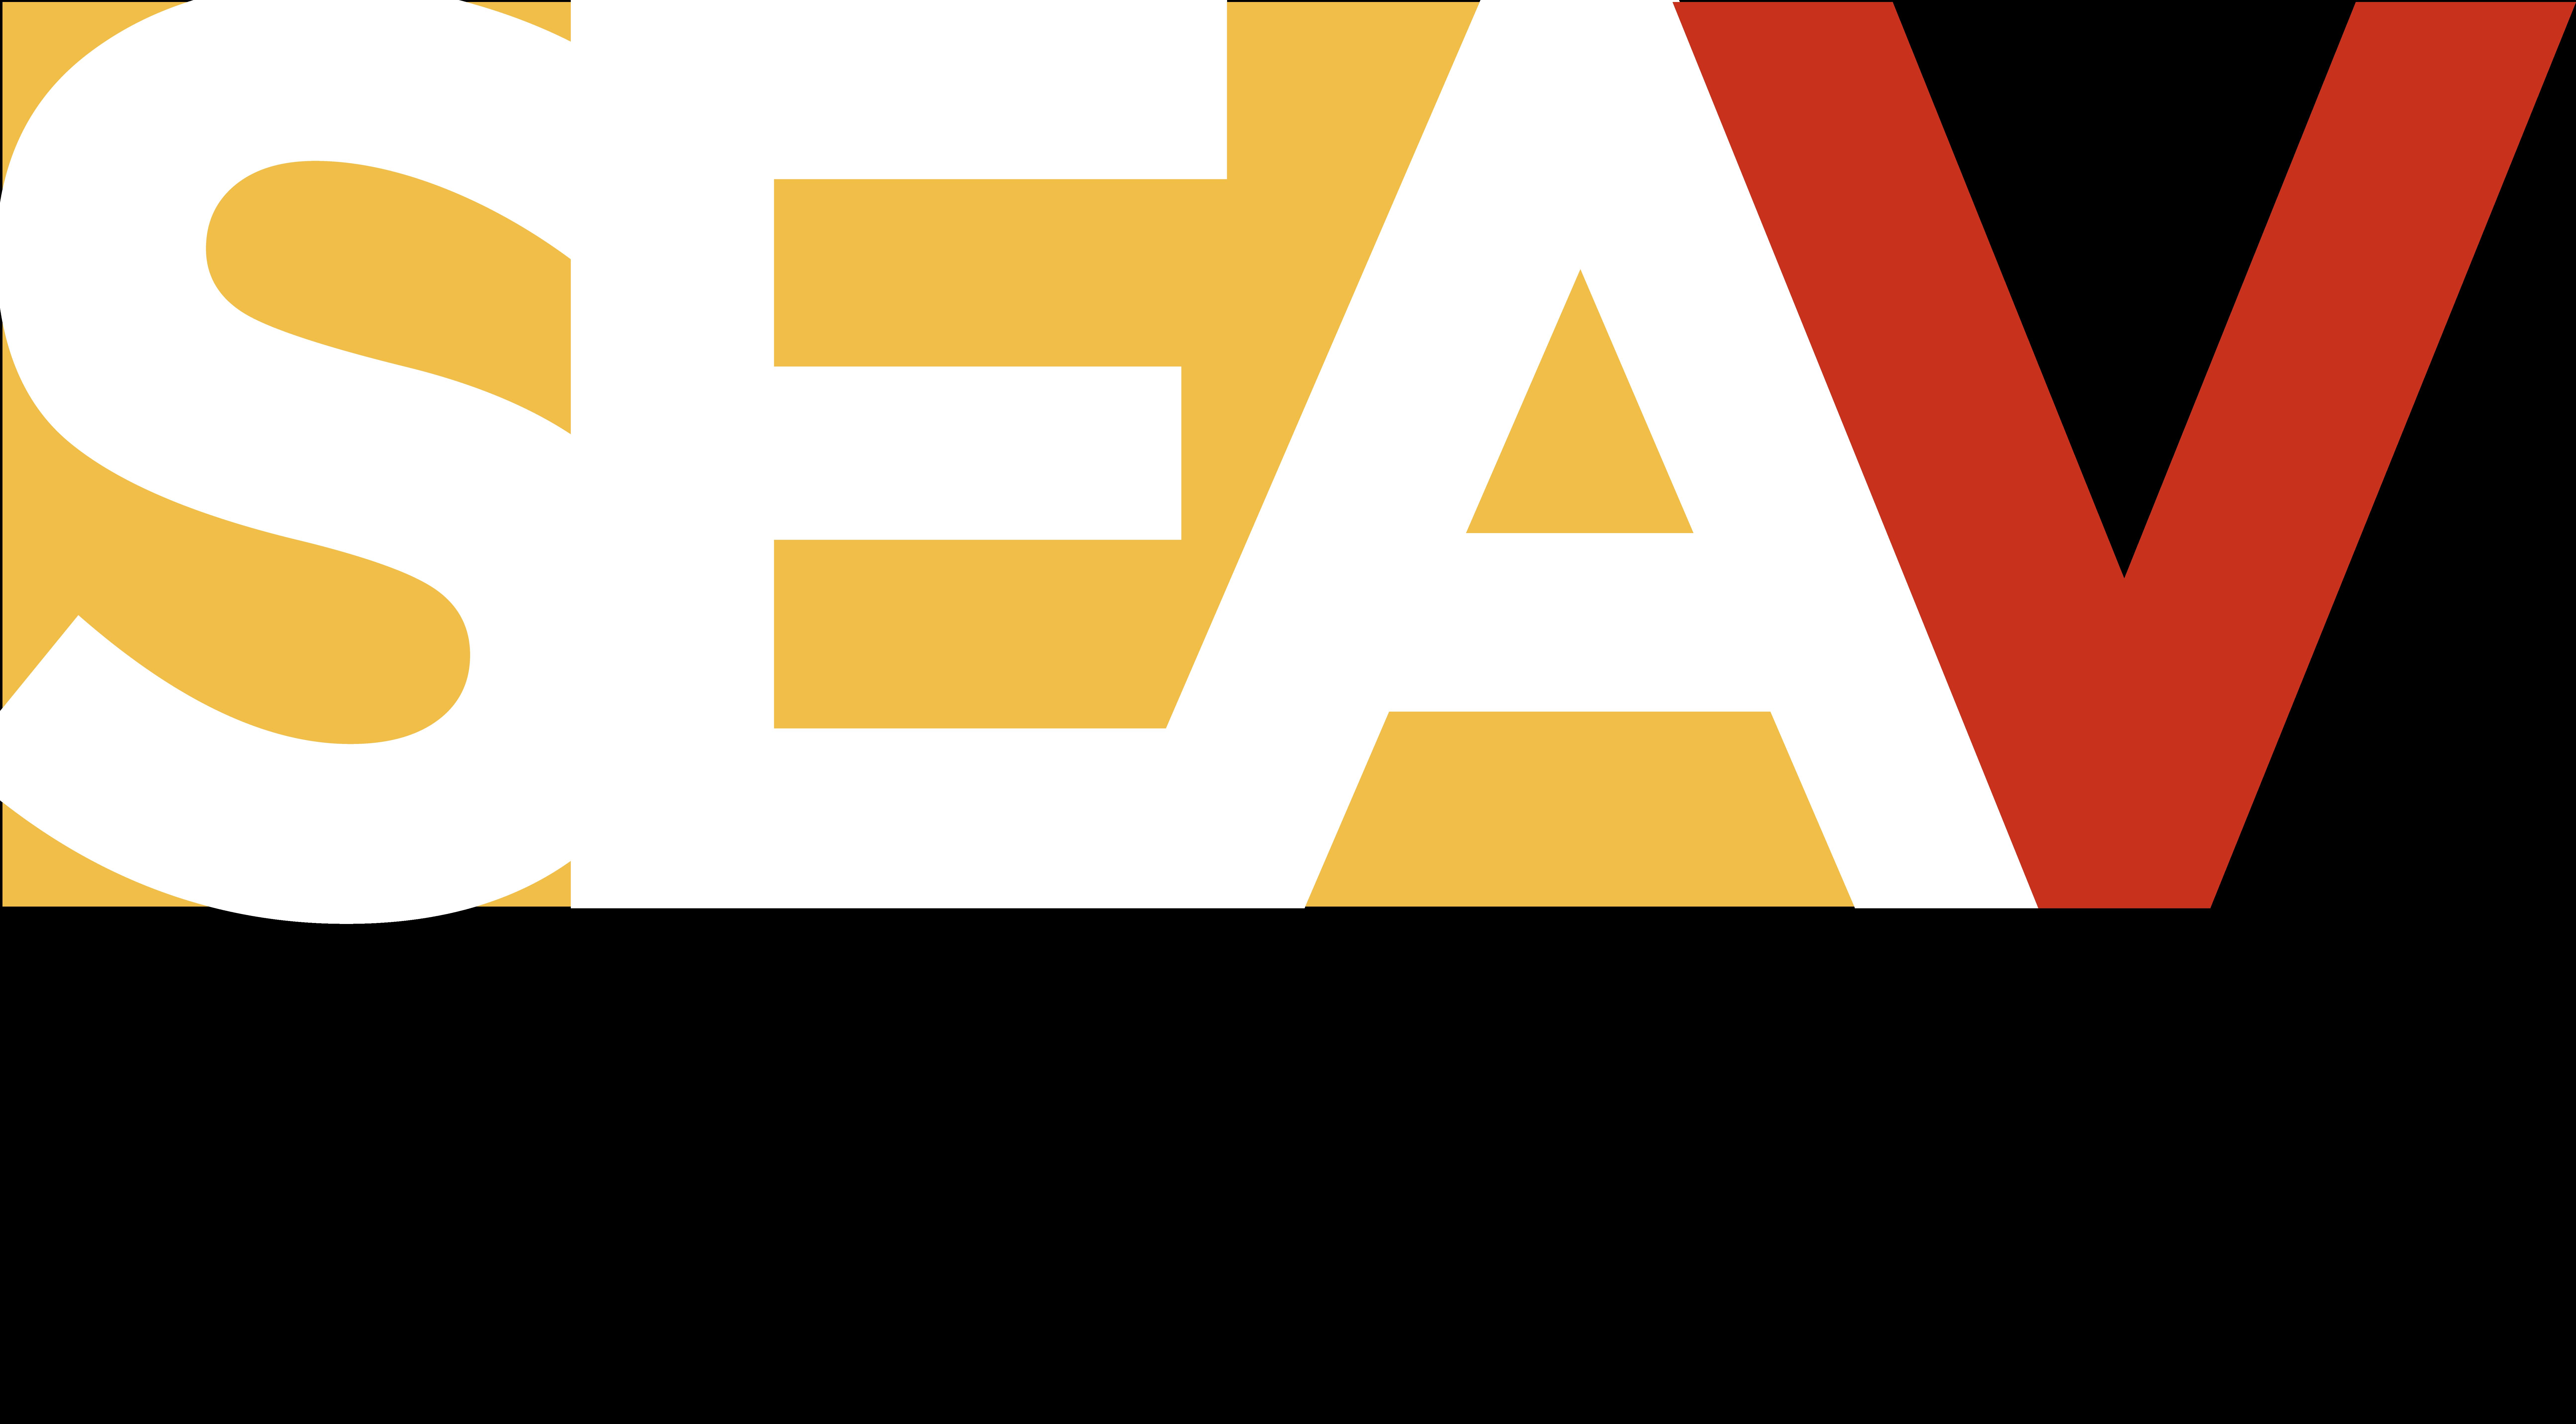 Logotip del Servei Especialitzat d'Atenció a la Vellesa